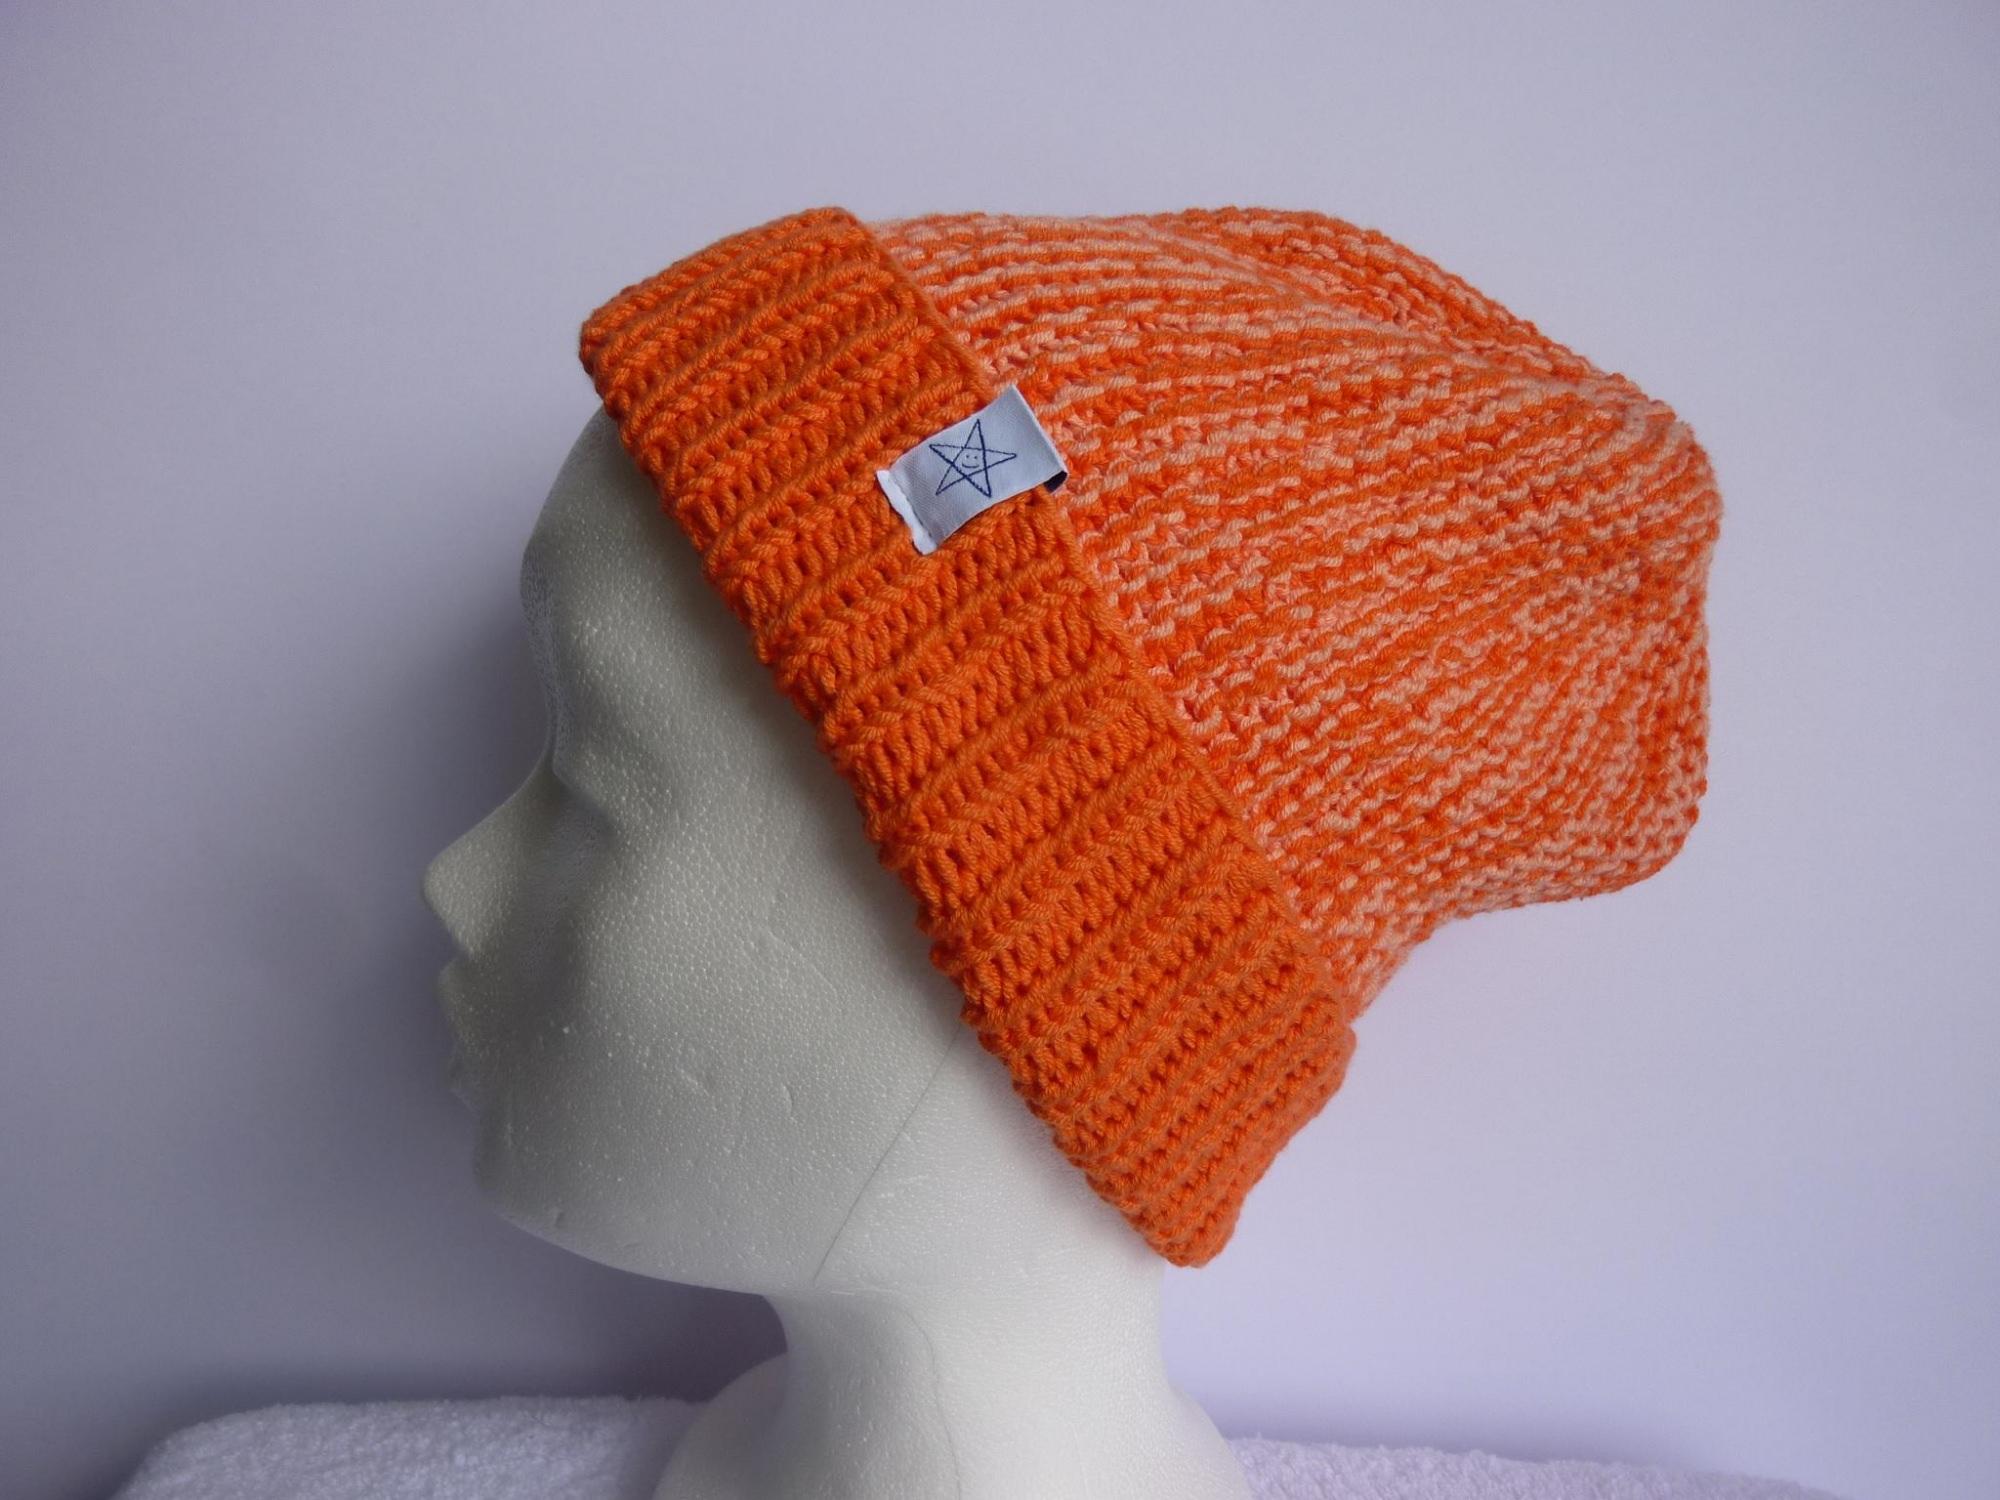 - Strickmütze Orange Lachs mit Umschlag aus Baumwolle handgestrickt - Strickmütze Orange Lachs mit Umschlag aus Baumwolle handgestrickt